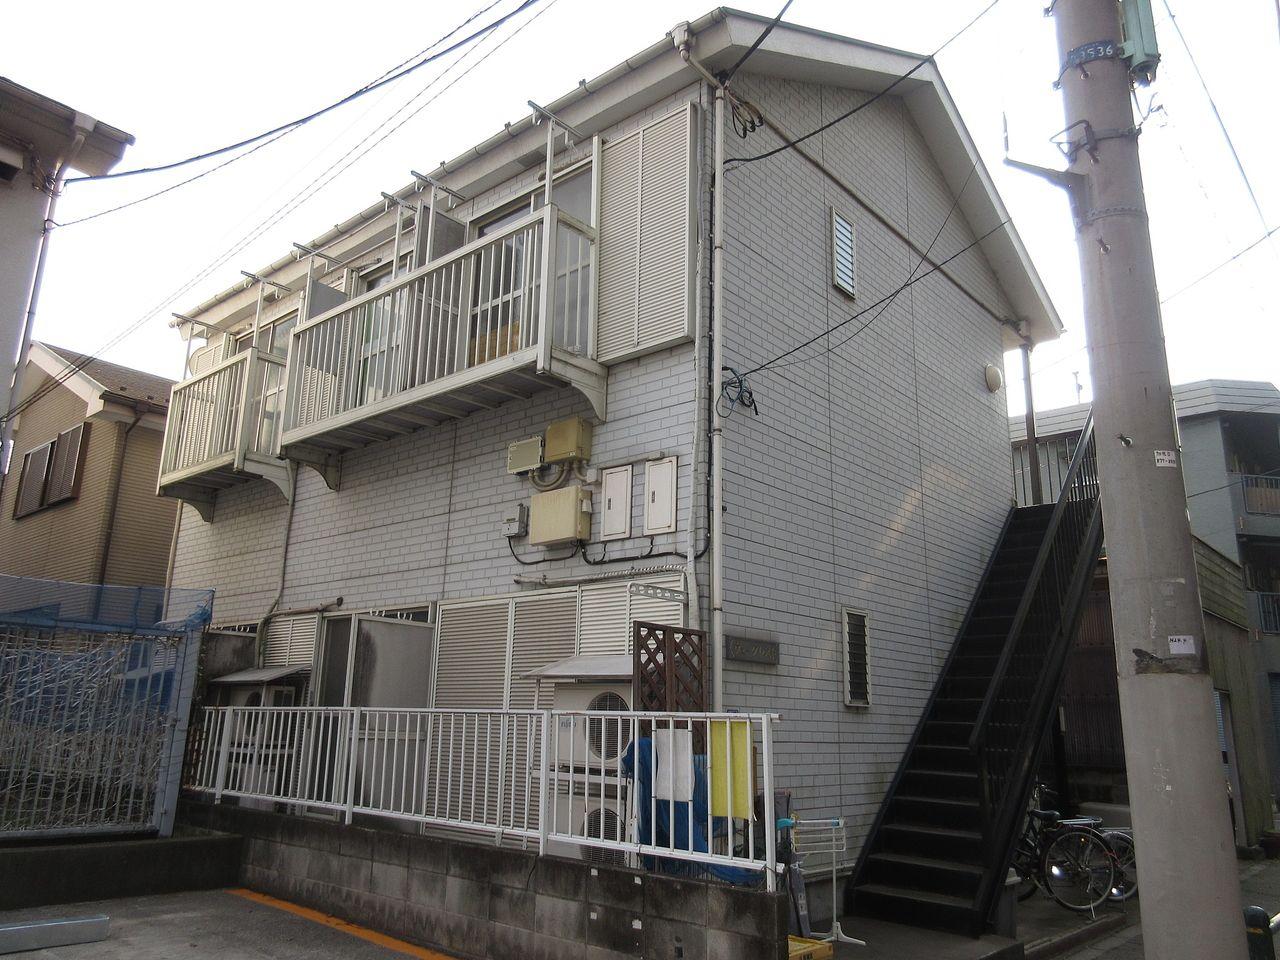 みなさまこんにちは。 板橋区高島平の賃貸アパート【ヴュークレスト201号室】を藤ホーム地所株式会社の遠藤がご紹介いたします。 一人暮らし向けのお部屋になります。